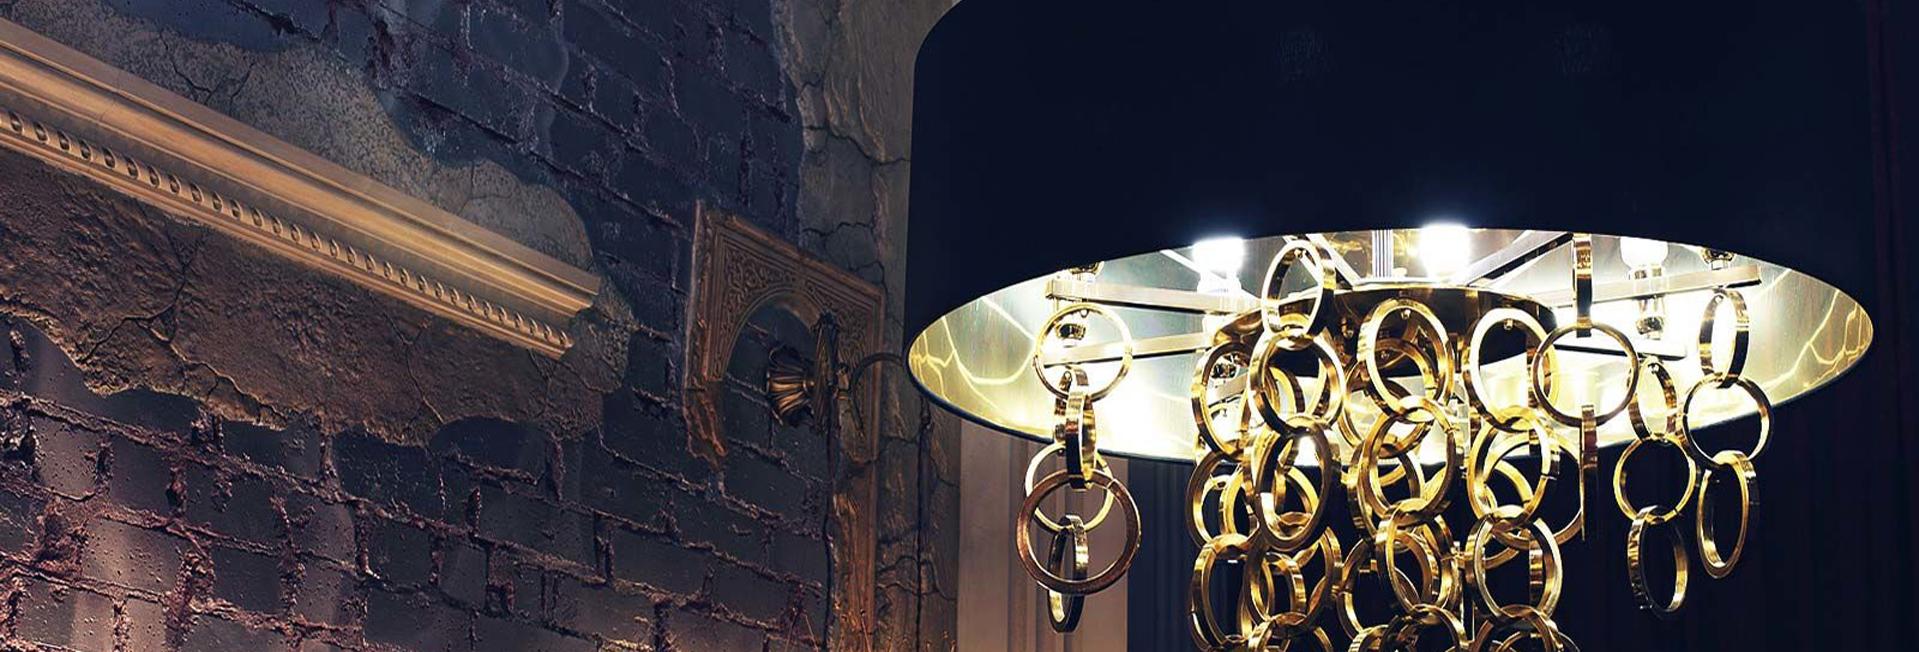 Люстры и свет